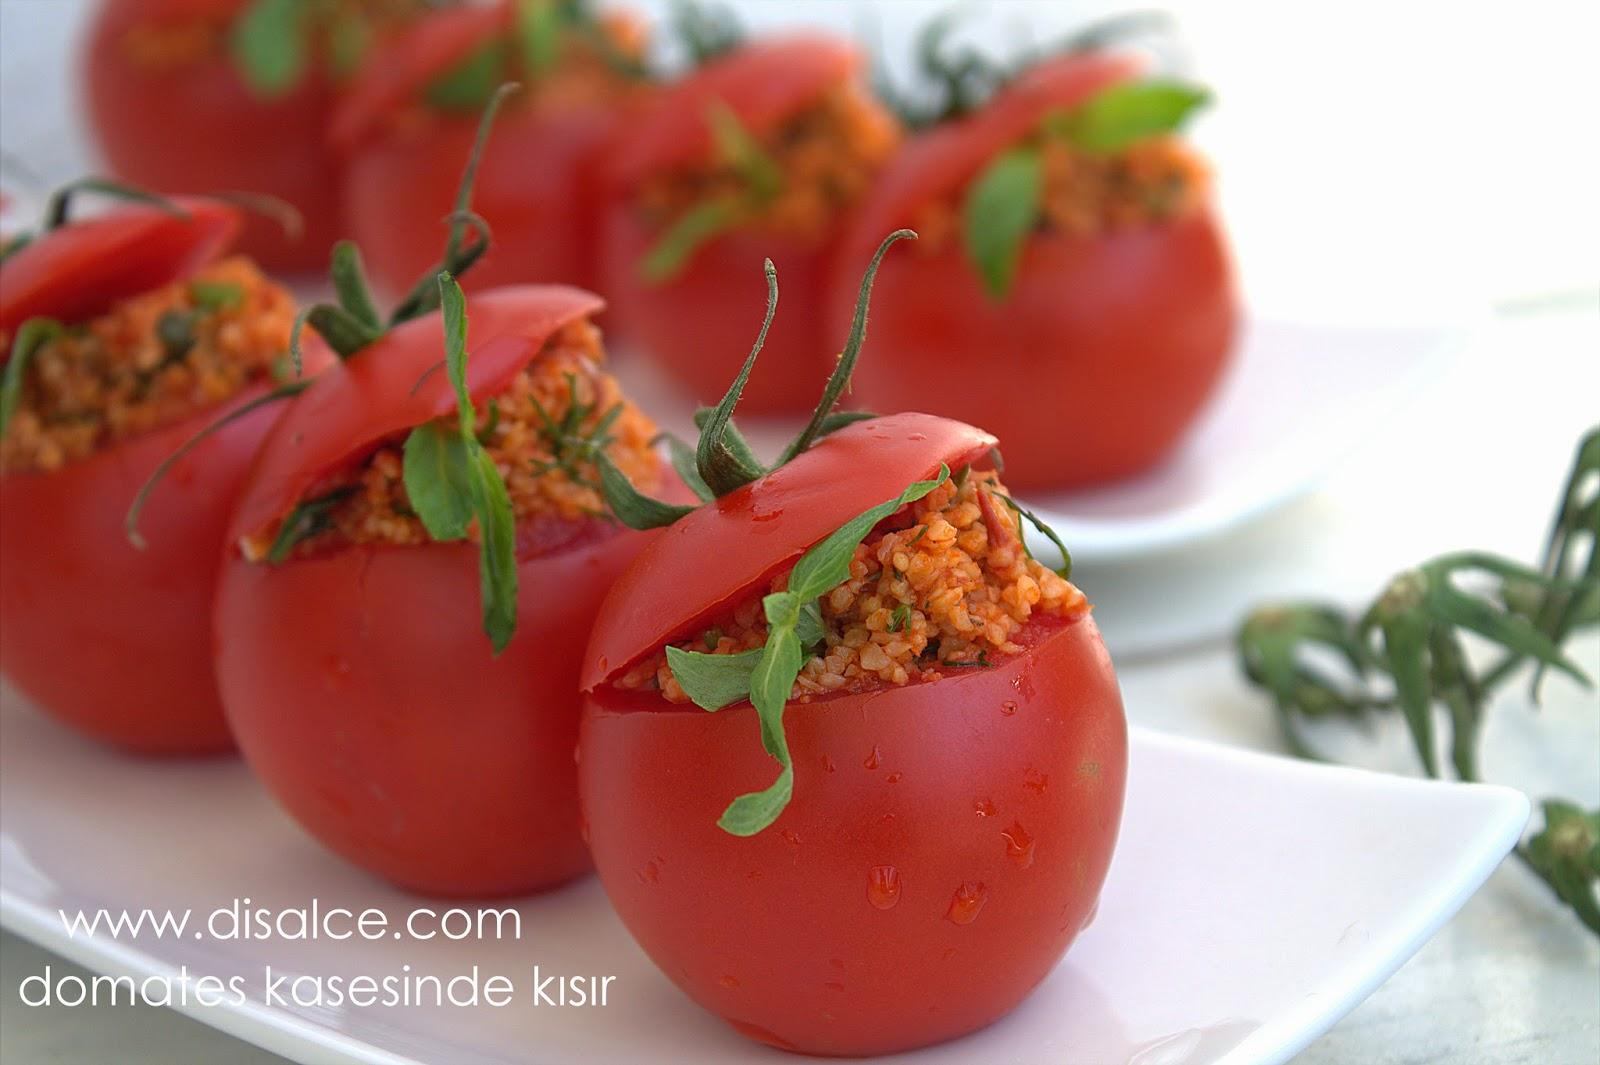 domates kasesinde kısır